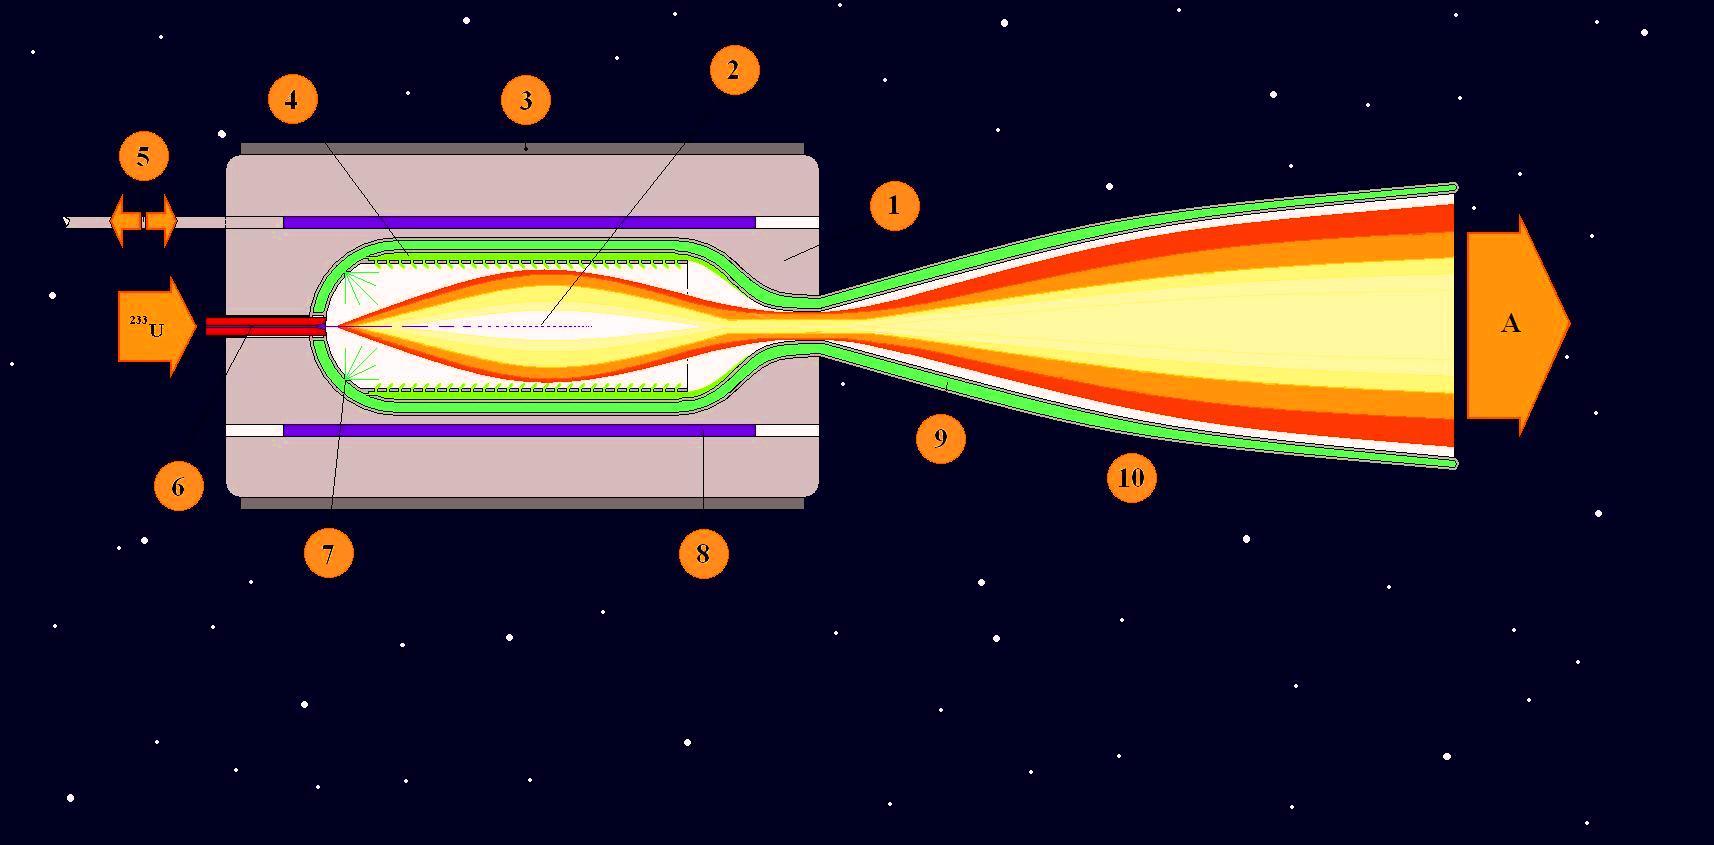 фотонный мезонный двигатель реальность еще дает возможность